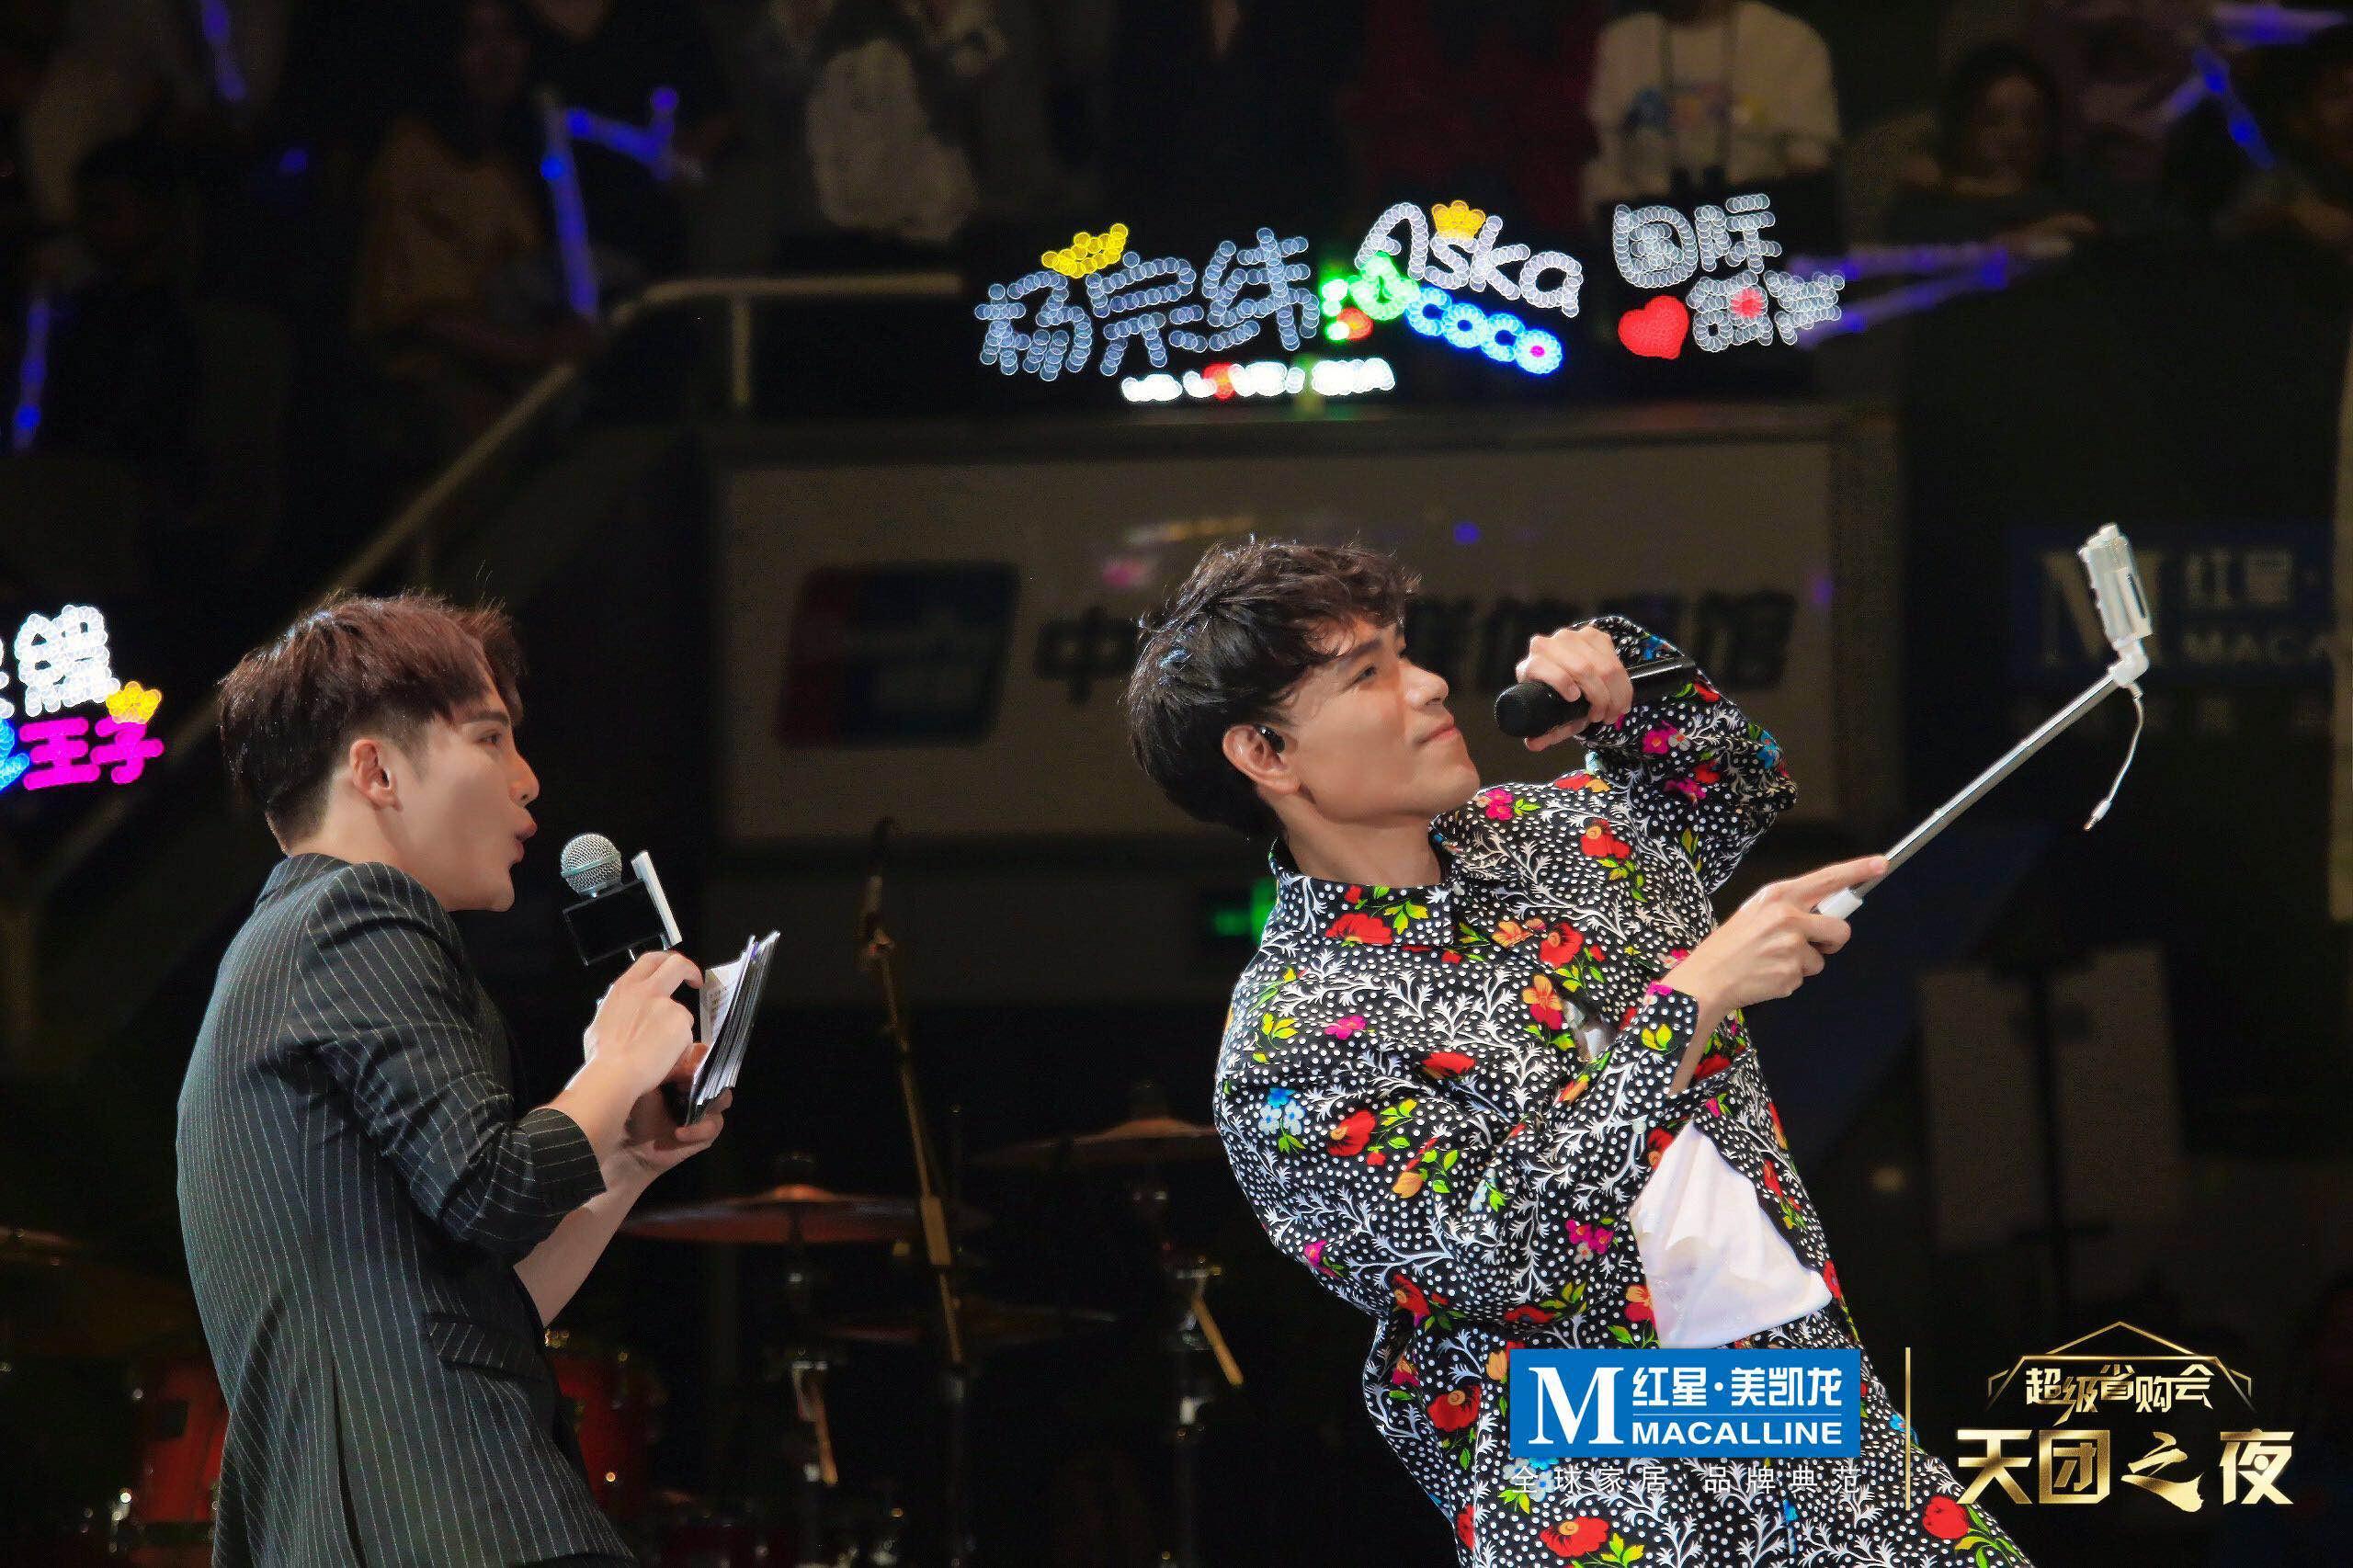 杨宗纬自拍与歌迷互动.jpg